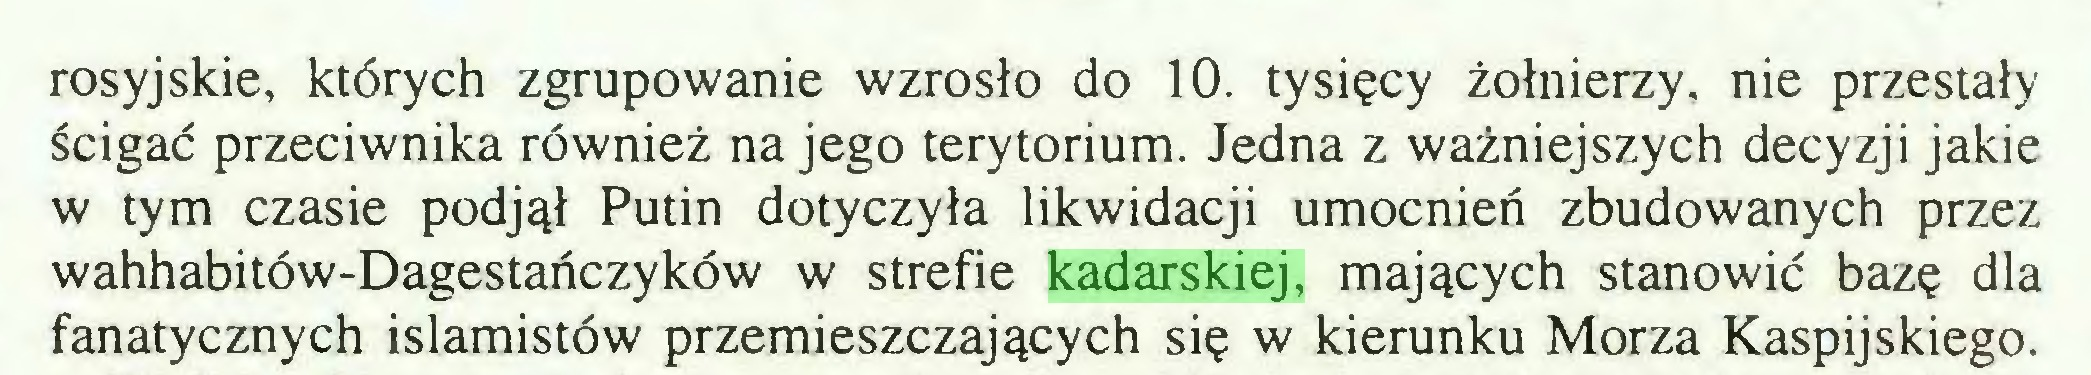 (...) rosyjskie, których zgrupowanie wzrosło do 10. tysięcy żołnierzy, nie przestały ścigać przeciwnika również na jego terytorium. Jedna z ważniejszych decyzji jakie w tym czasie podjął Putin dotyczyła likwidacji umocnień zbudowanych przez wahhabitów-Dagestańczyków w strefie kadarskiej, mających stanowić bazę dla fanatycznych islamistów przemieszczających się w kierunku Morza Kaspijskiego...